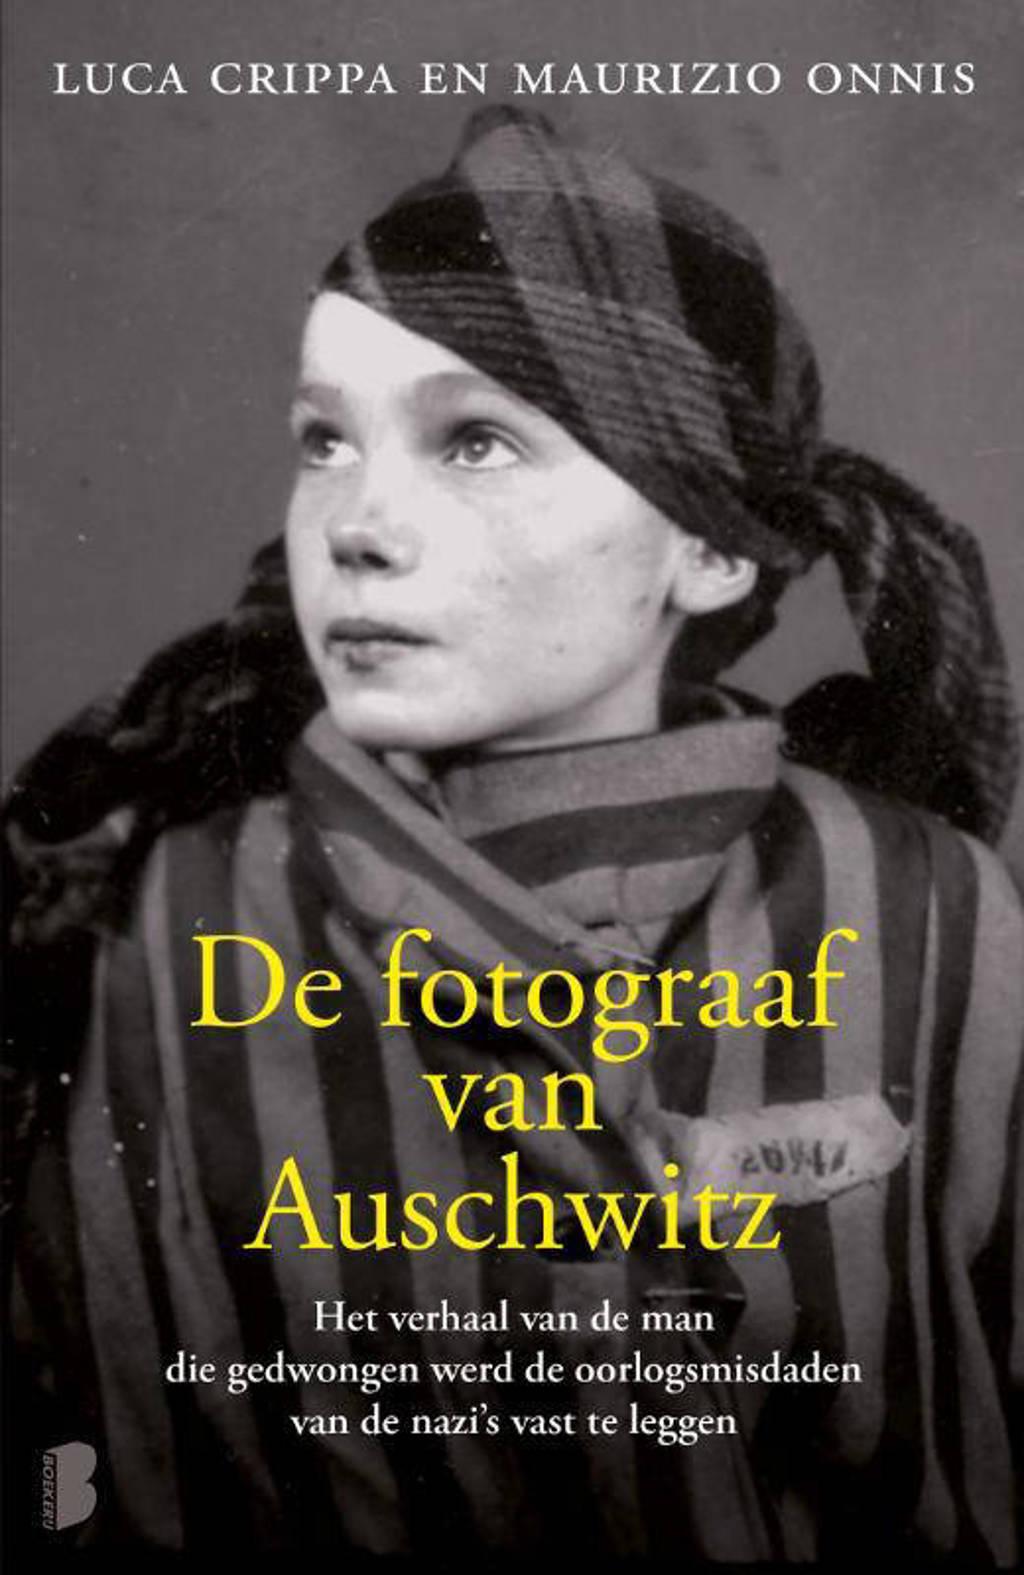 De fotograaf van Auschwitz - Luca Crippa en Maurizio Onnis